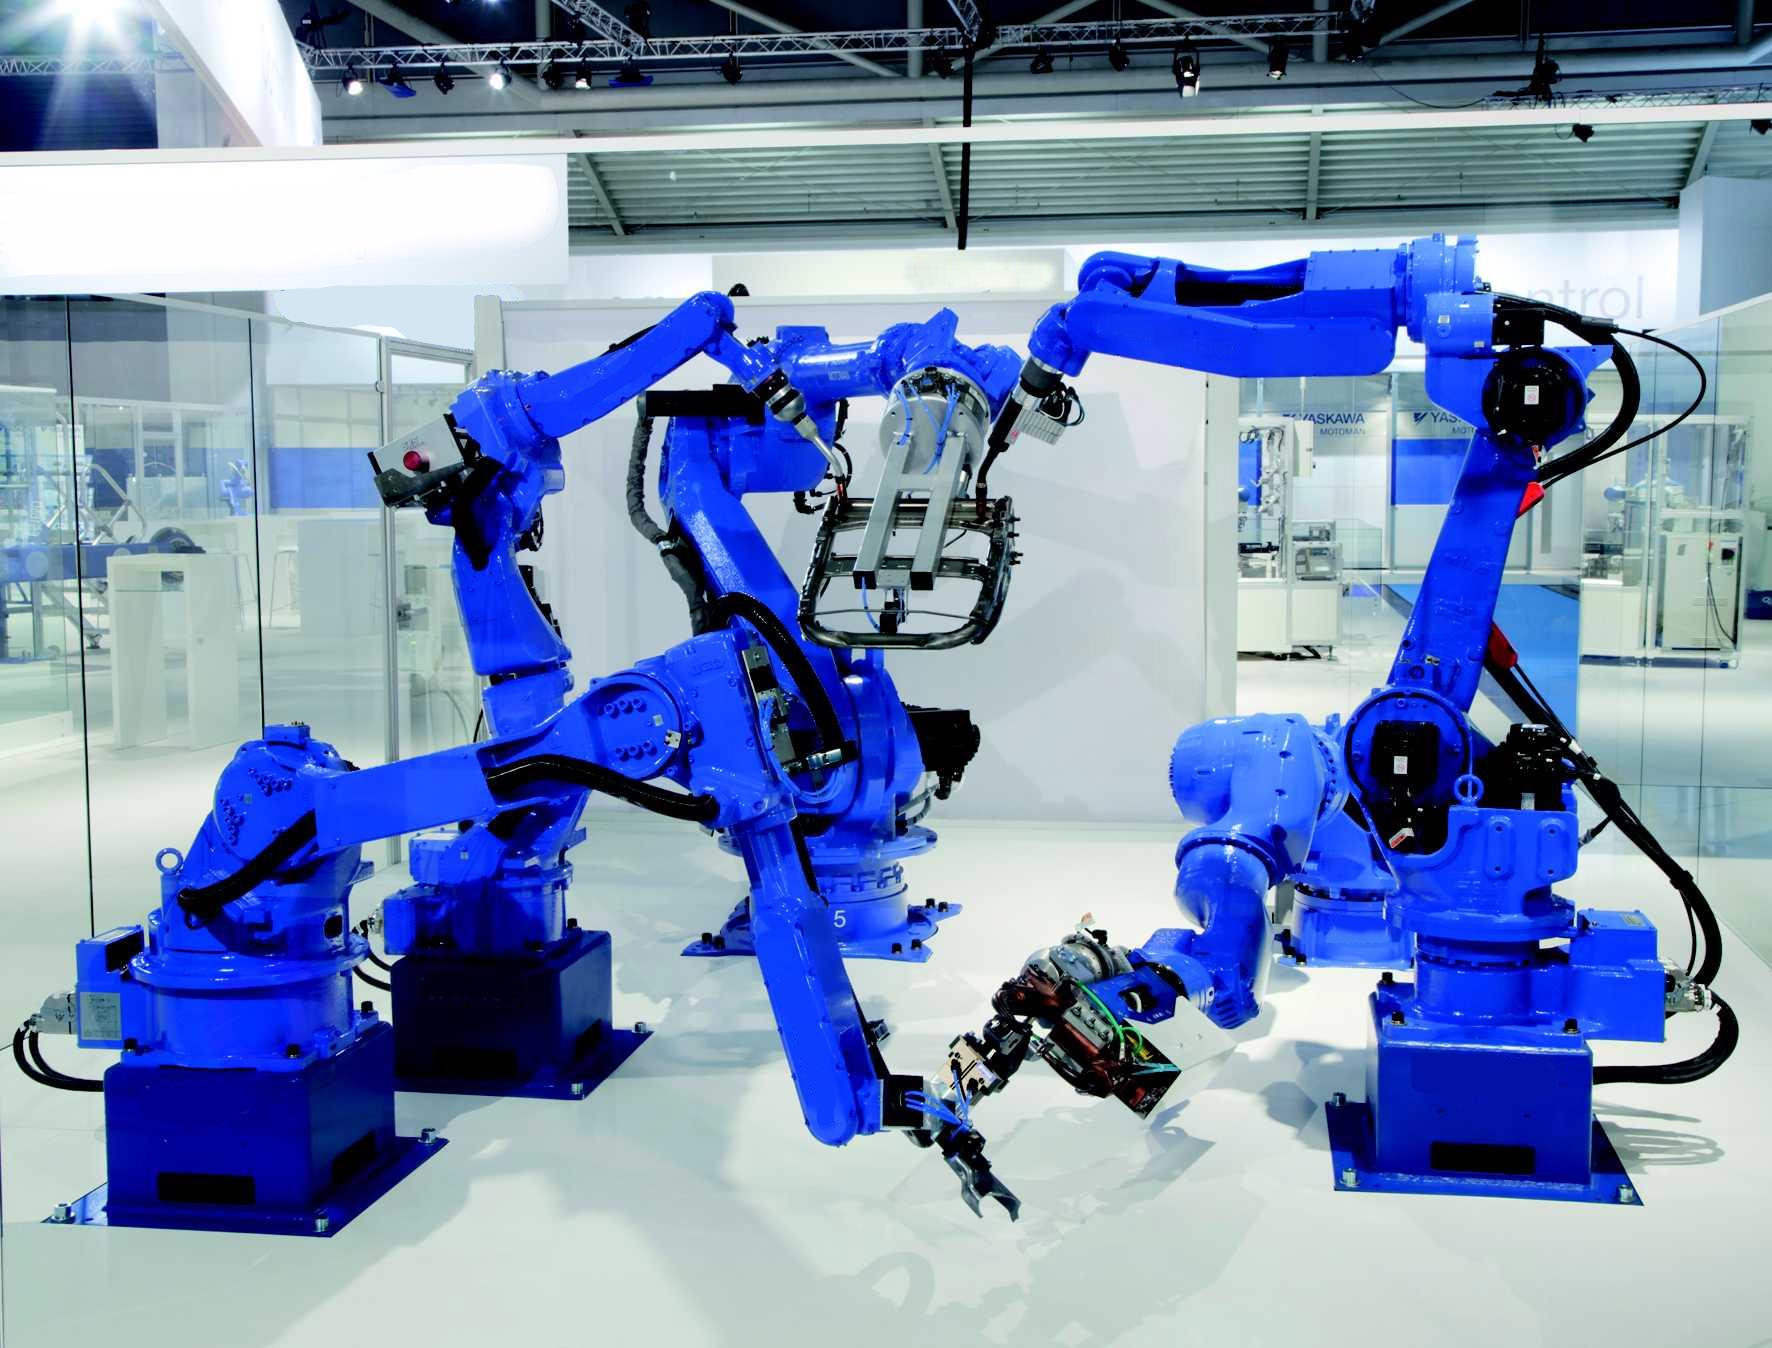 brazos-roboticos